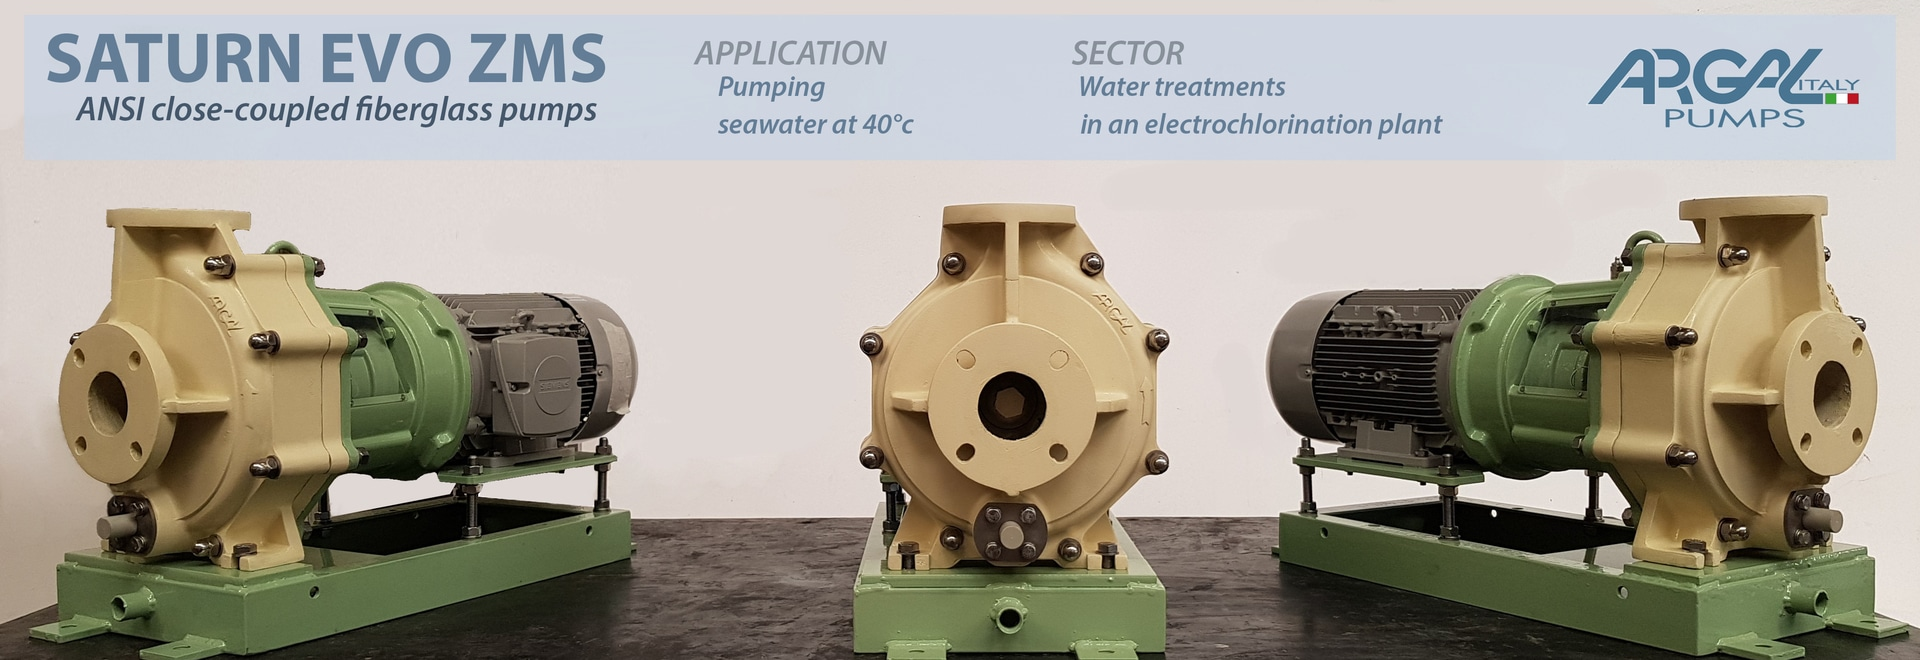 La norme ANSI FRP de Saturn Evo pompe pour l'eau de mer à une usine d'electrochlorination